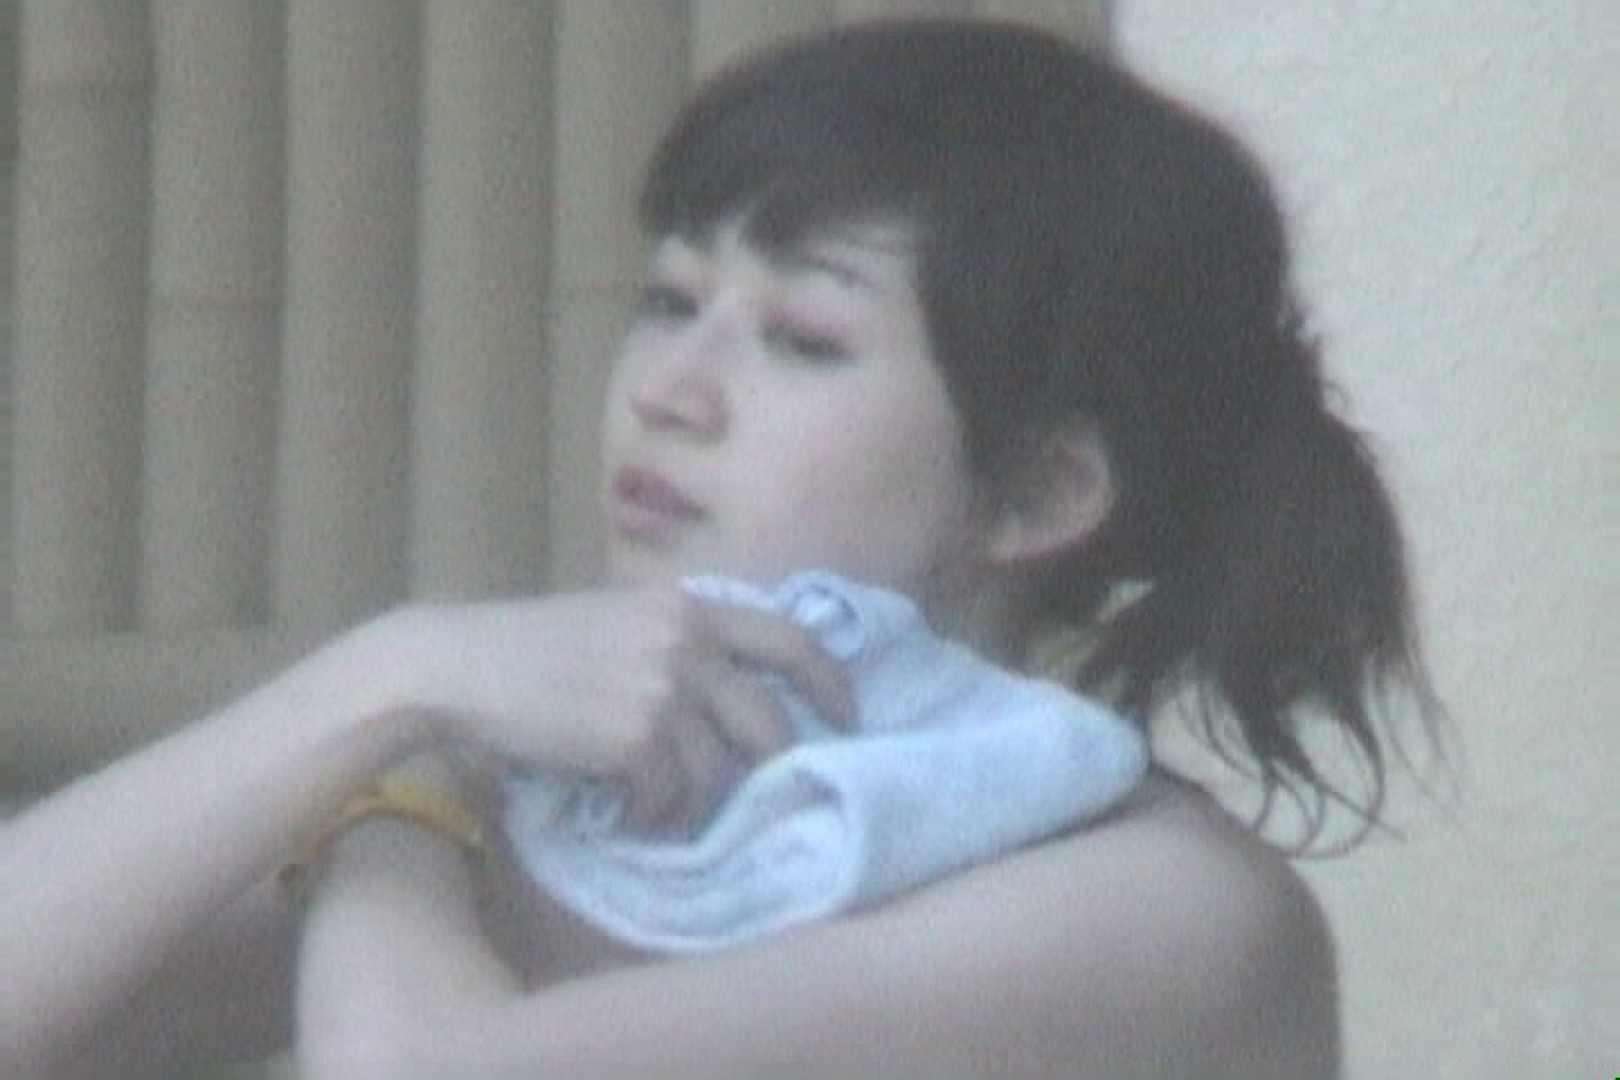 Aquaな露天風呂Vol.83【VIP限定】 美しいOLの裸体  75pic 12